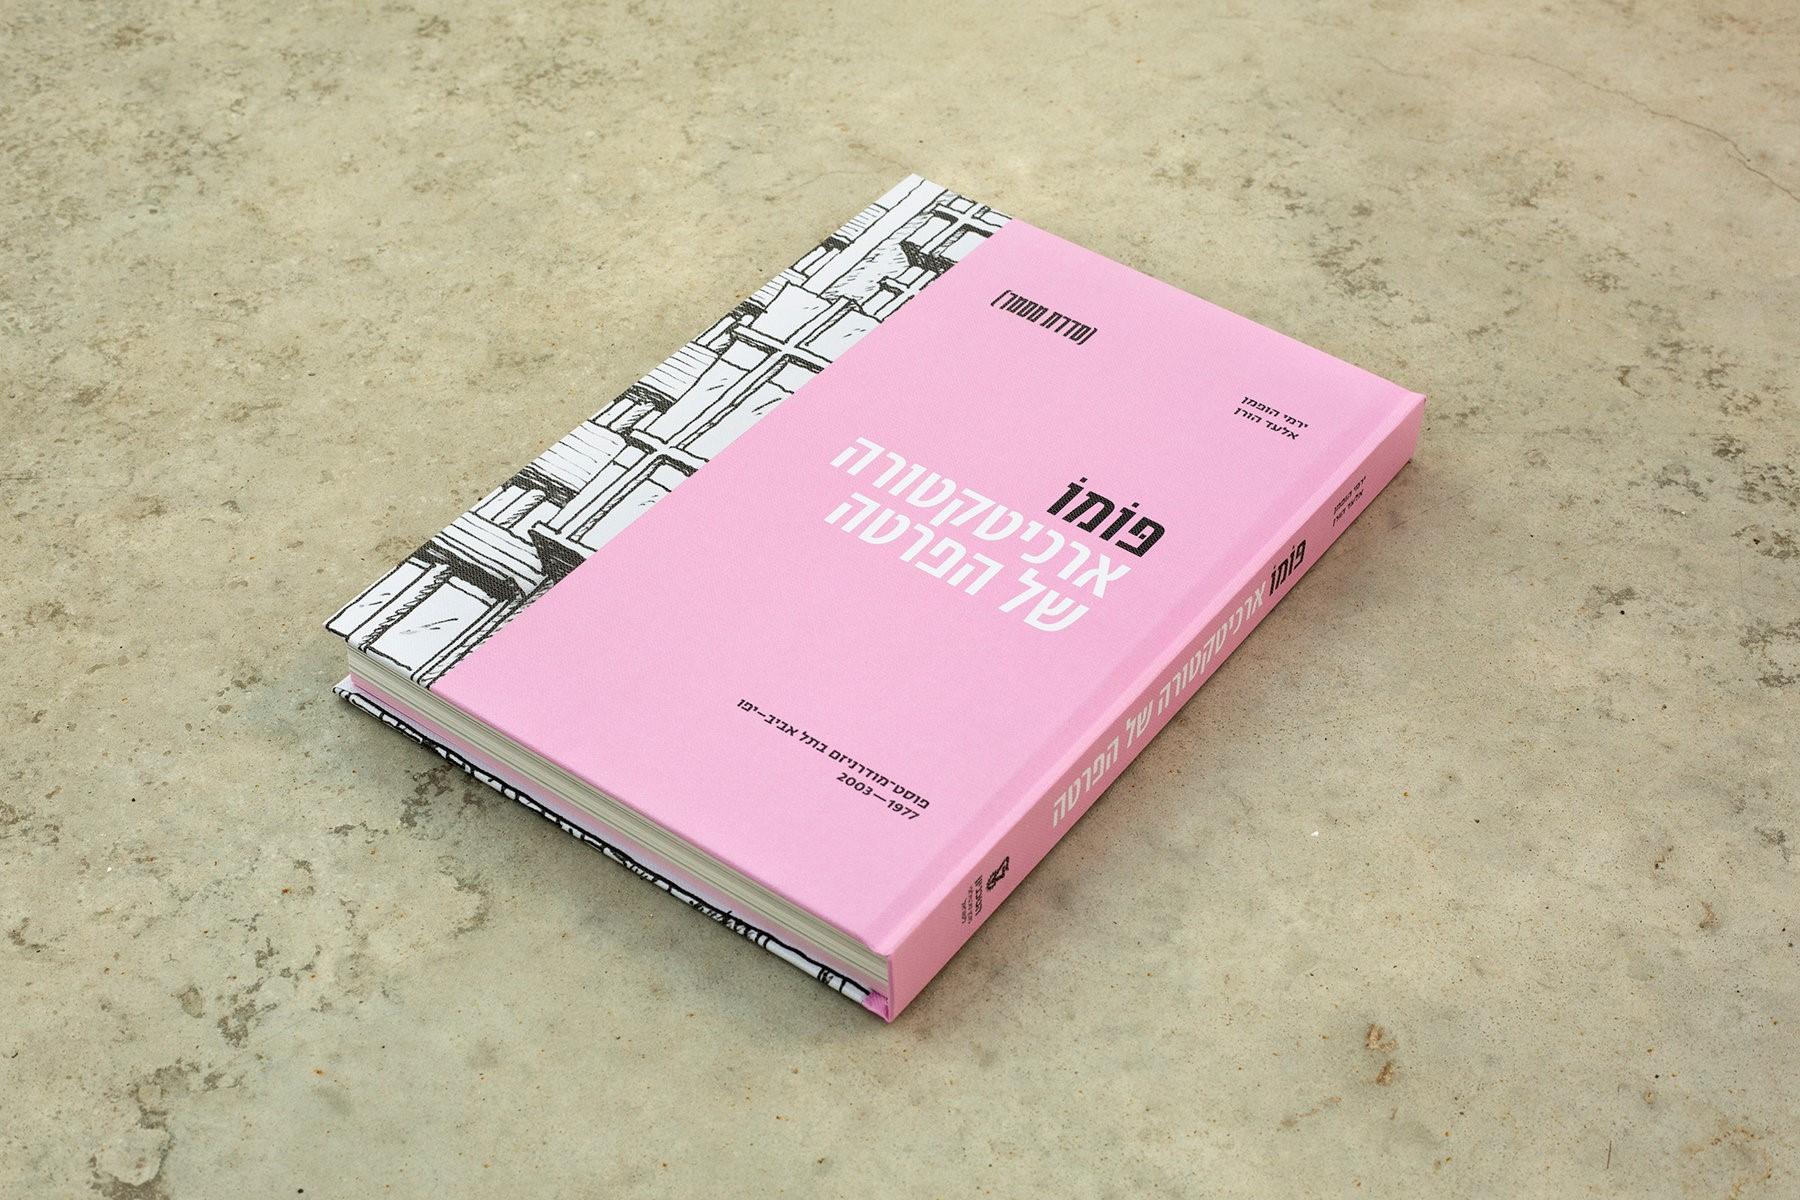 """ספר חדש: """"ת""""א-יפו של פּוֹמוֹ"""" – אדריכלות של קפיטליזם והפרטה"""